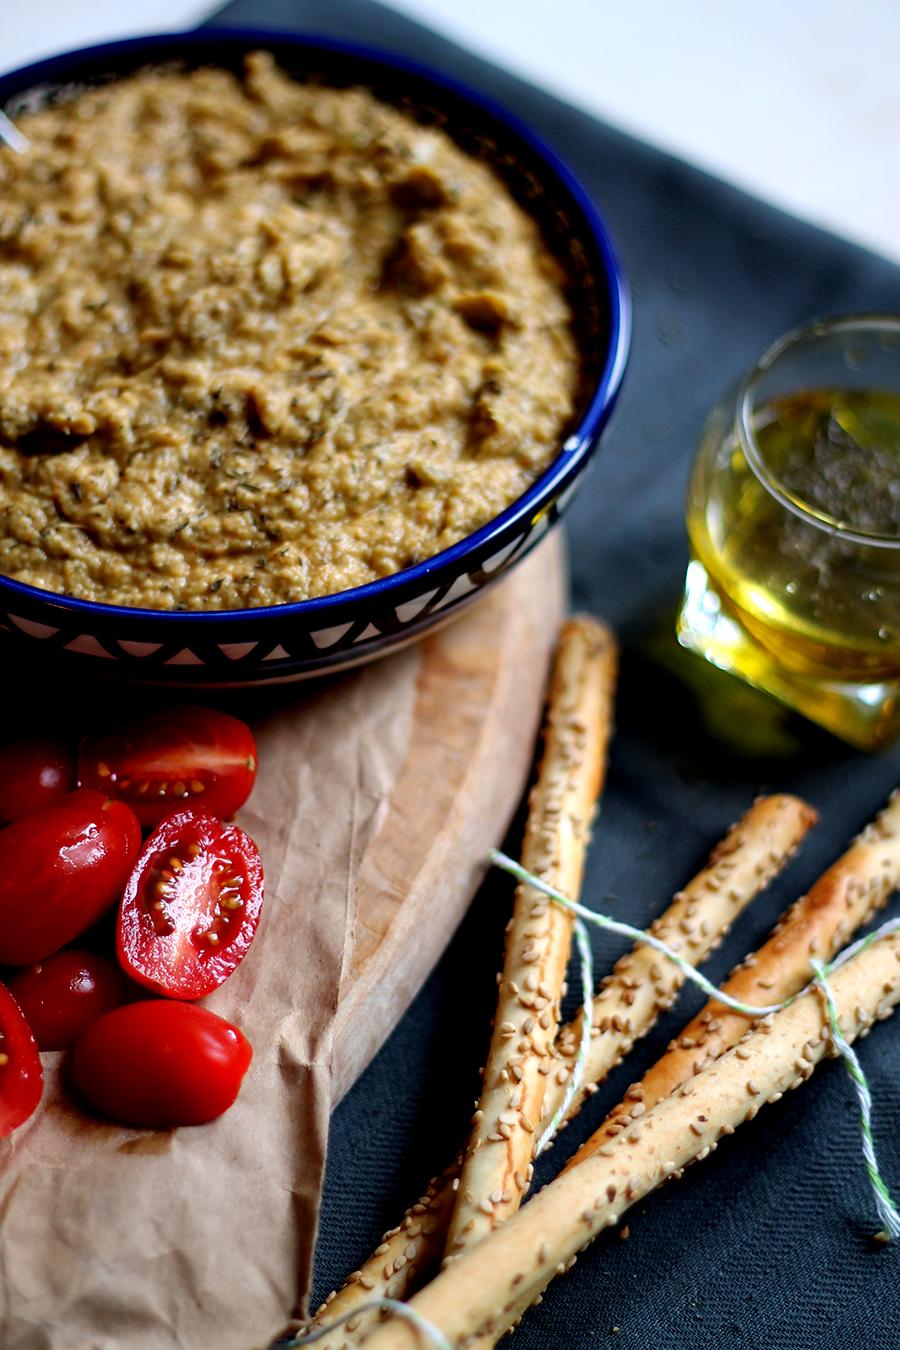 Antipasta met artisjokkendip, gezonde snack